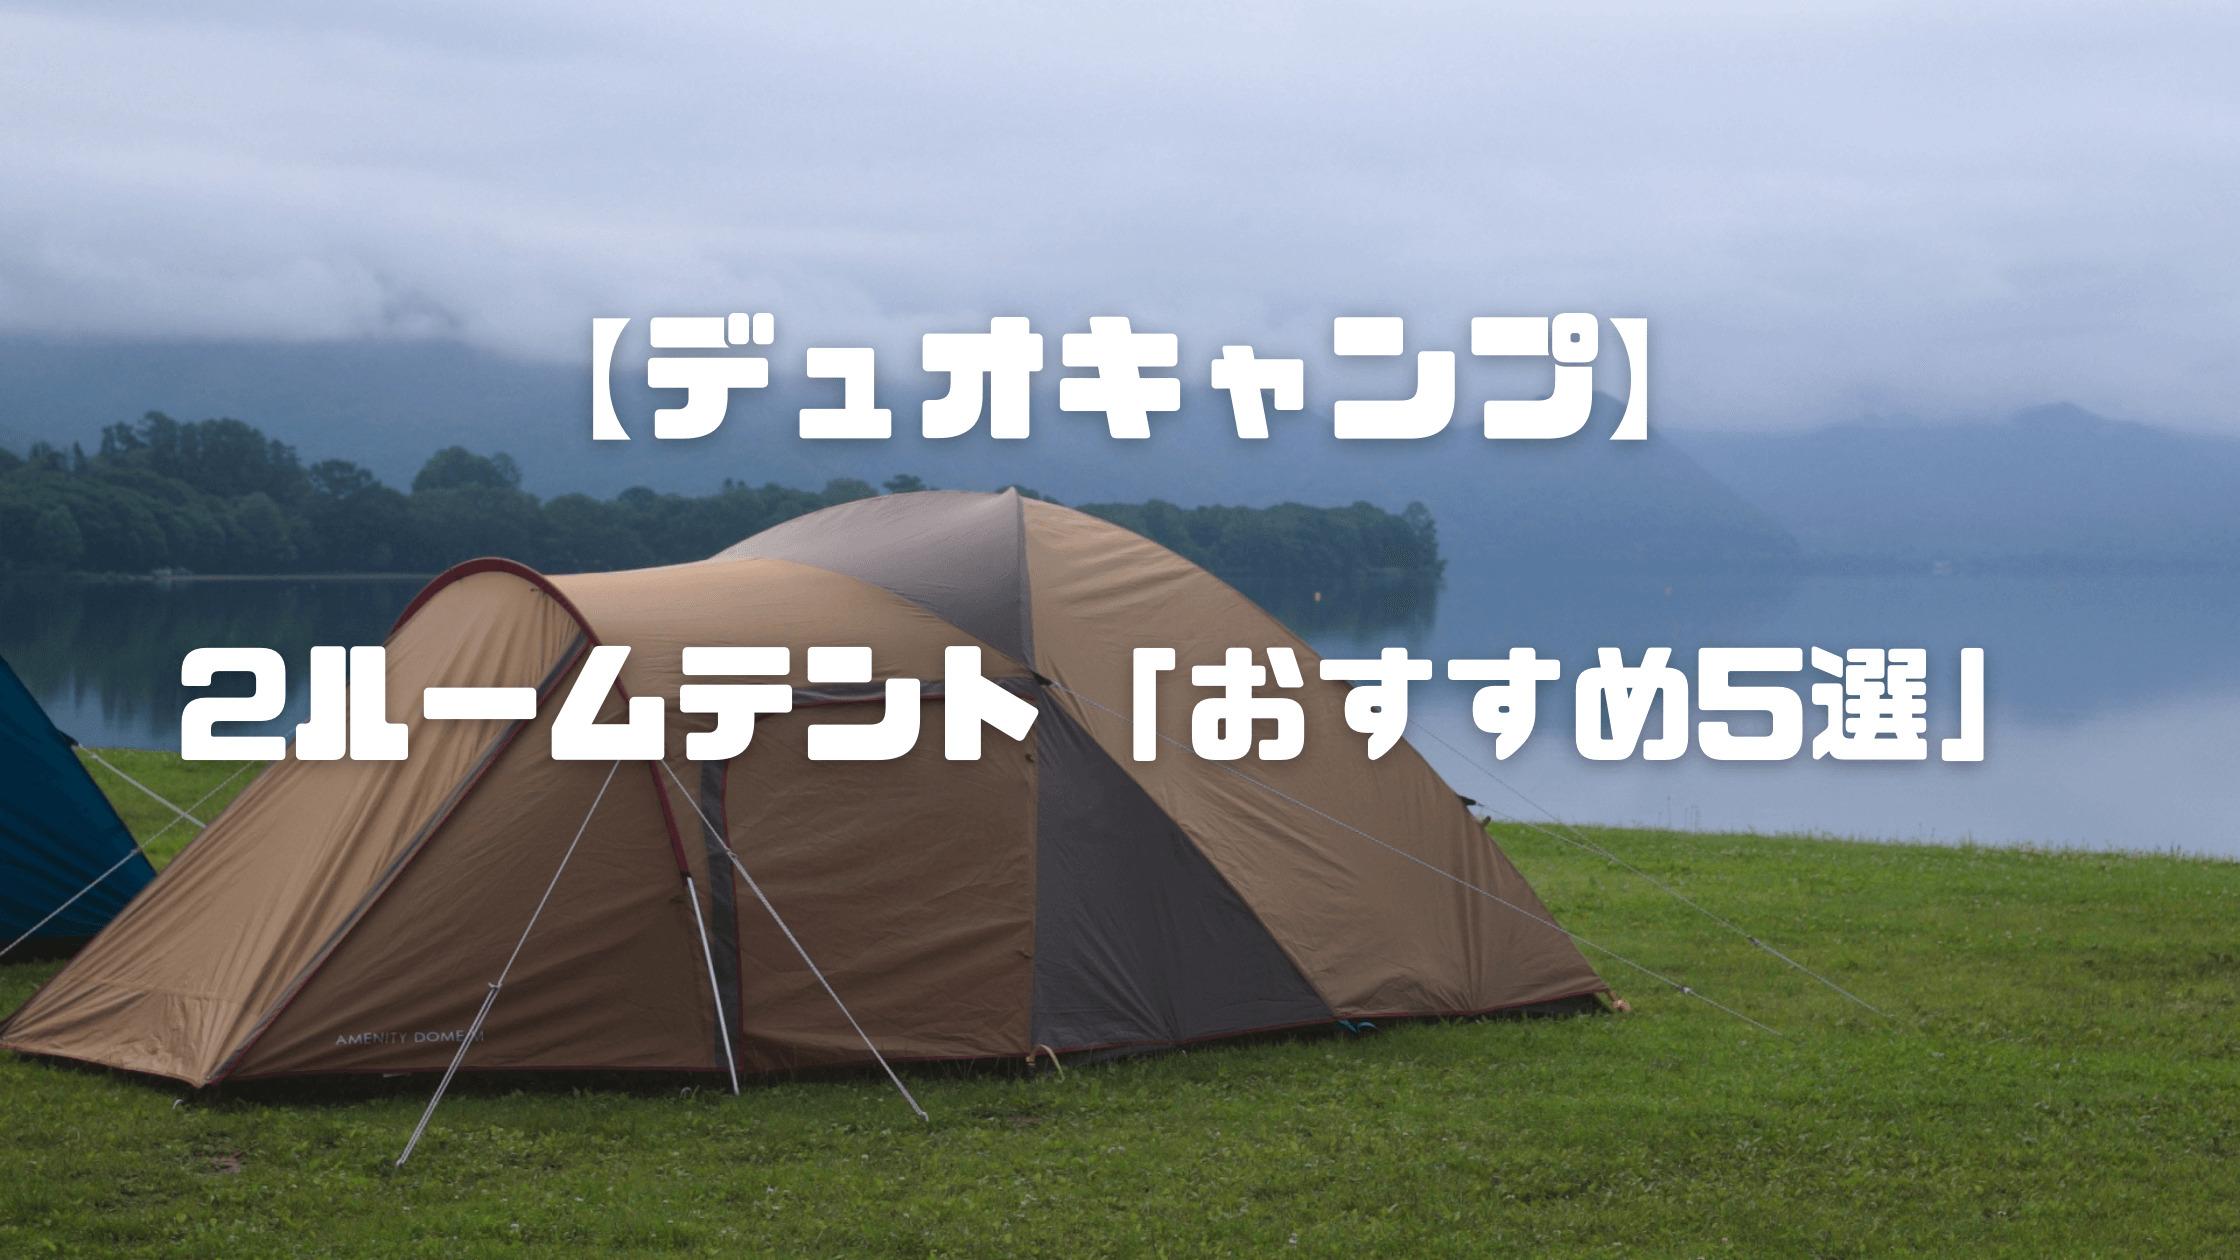 デュオキャンプ(2人キャンプ )を快適に楽しめる2ルームテントおすすめ【5選】